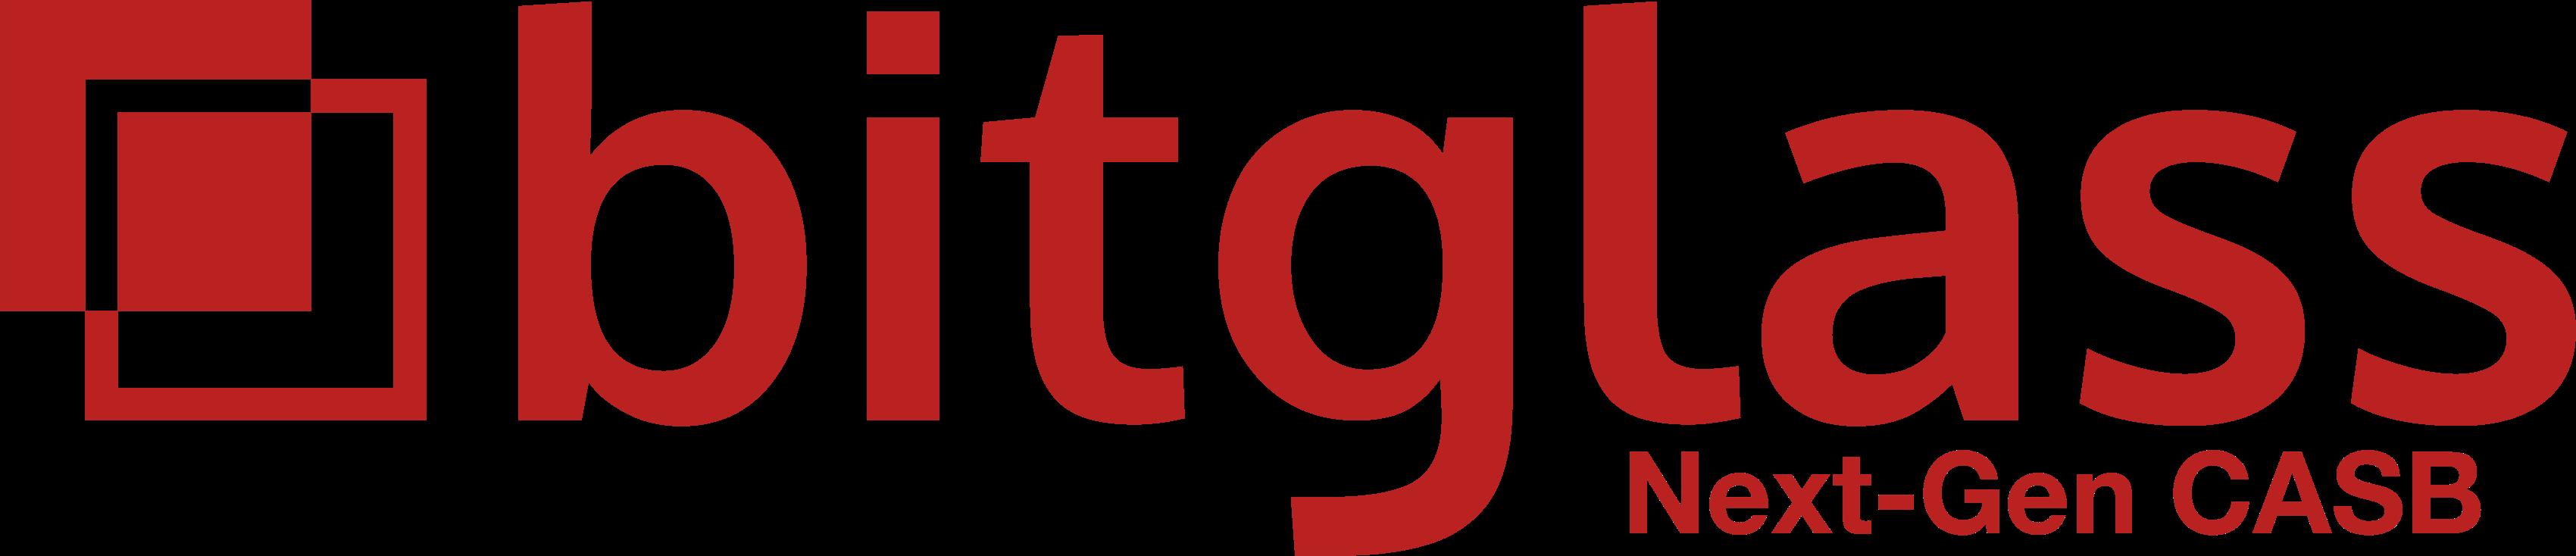 logo_2017_ng.png